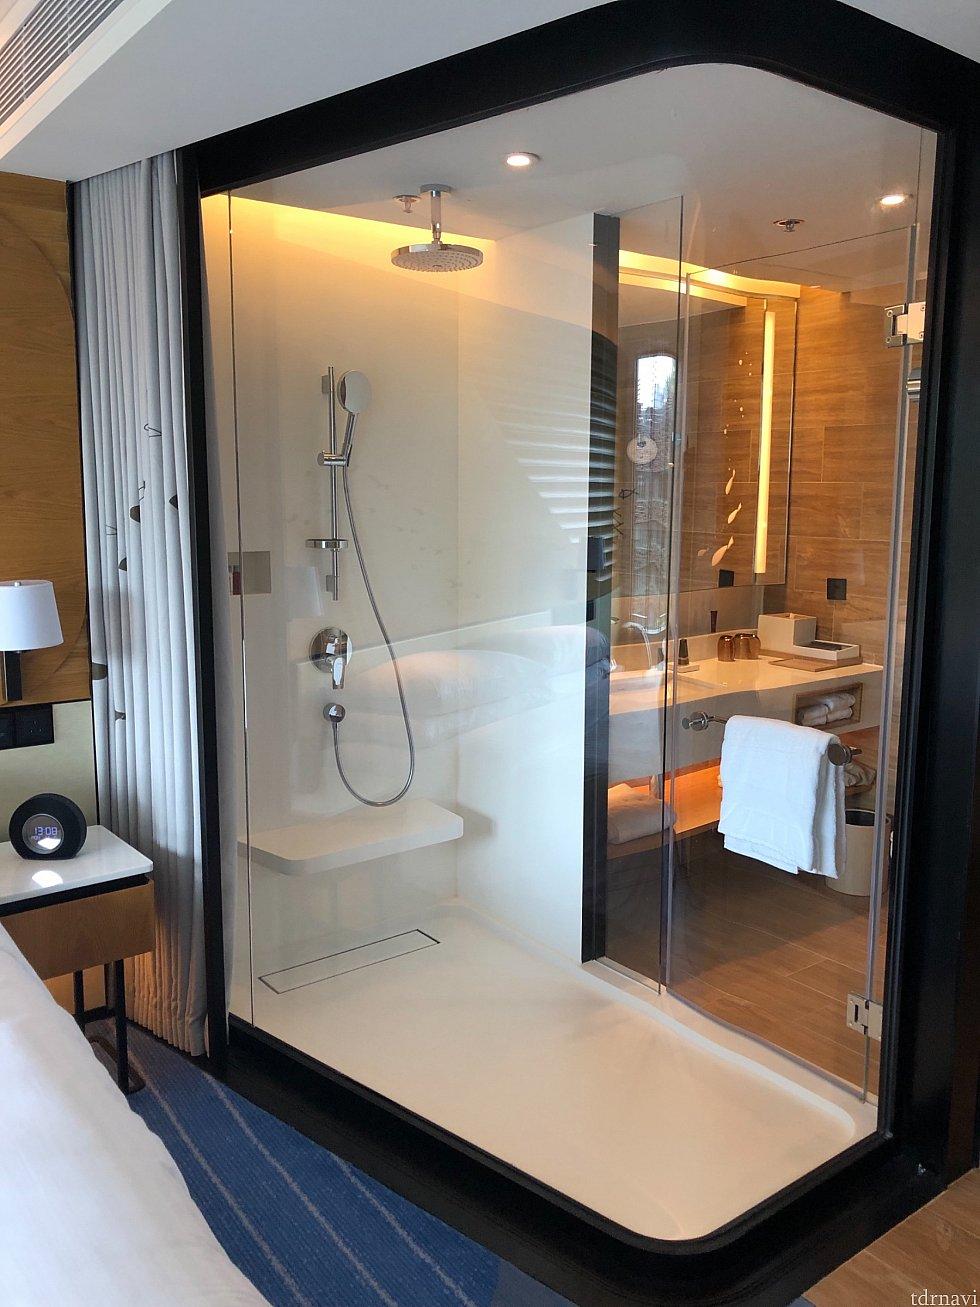 スーパー・シースルー・シャワー。水槽に入っているような感覚に。